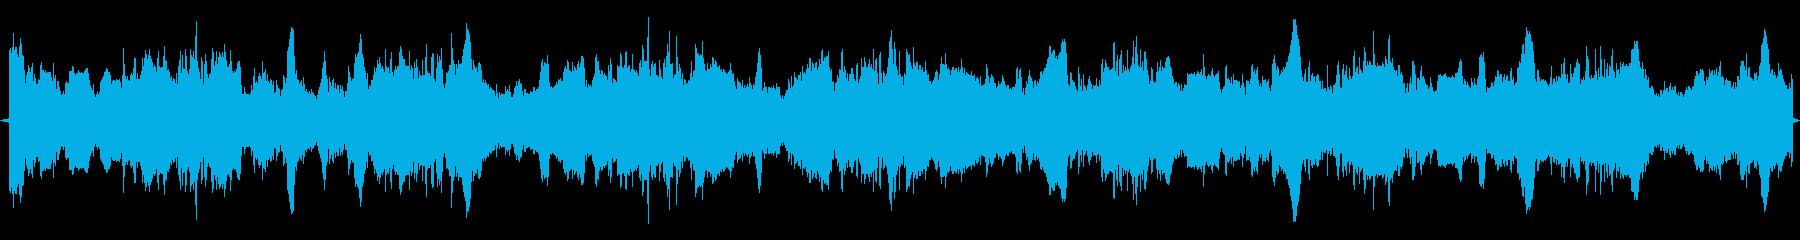 サイレン(電子音)救急車 外国 海外の再生済みの波形